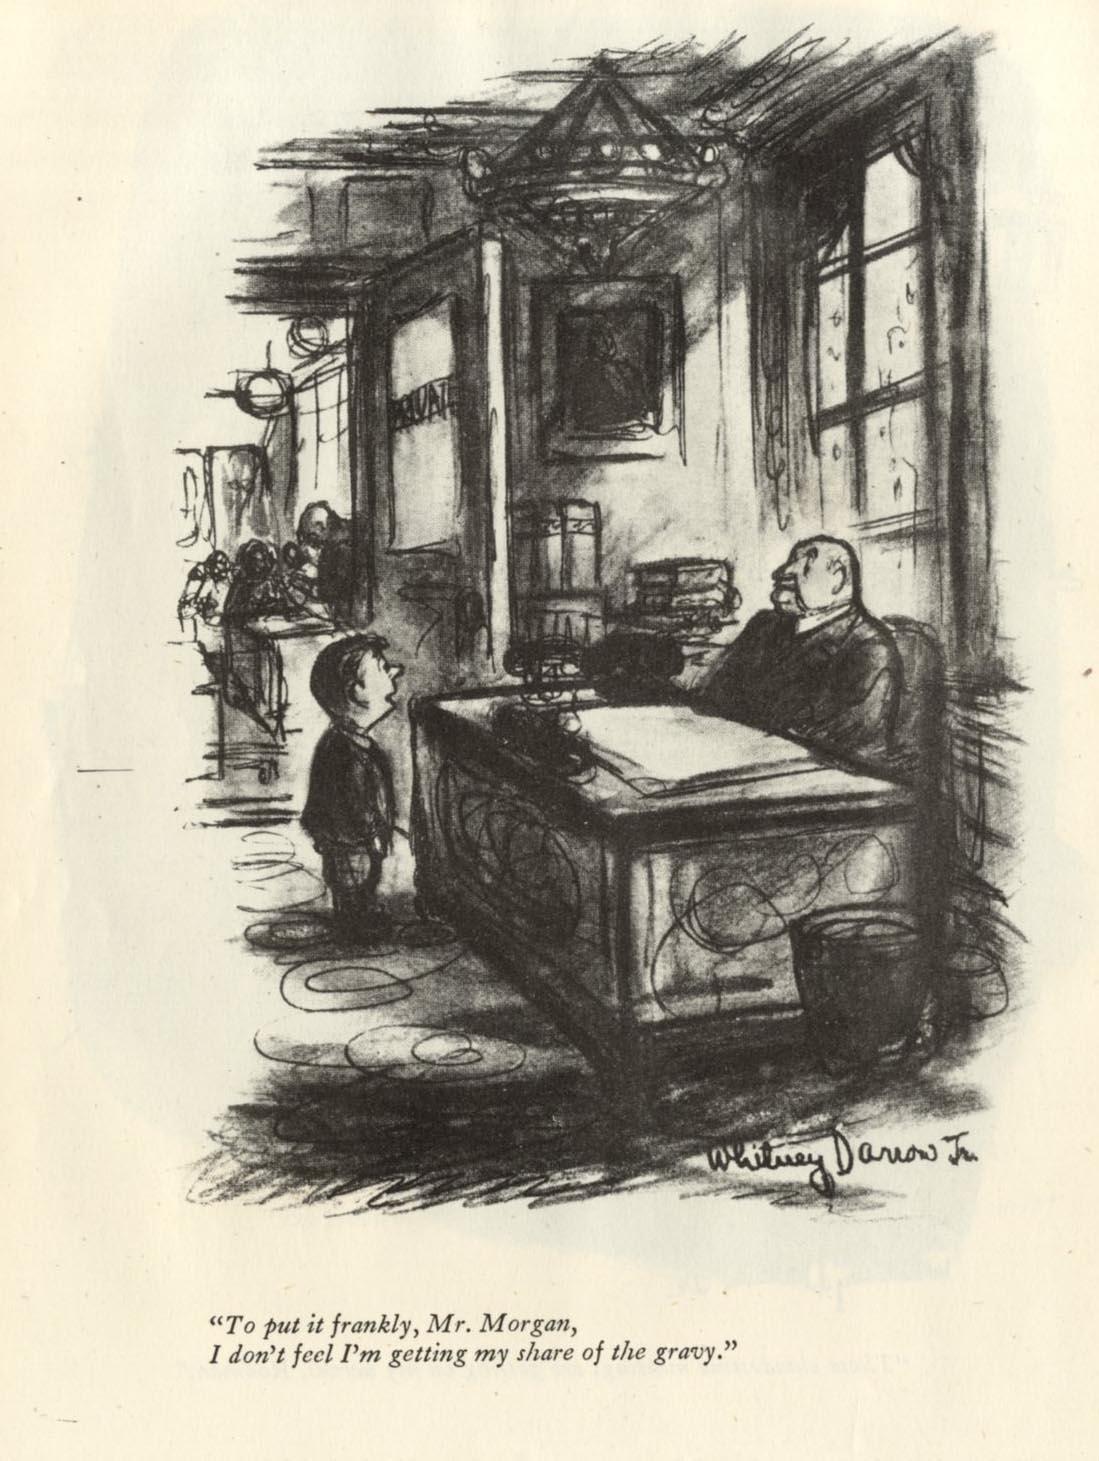 Darrow >> The New Yorker artists, Whitney Darrow